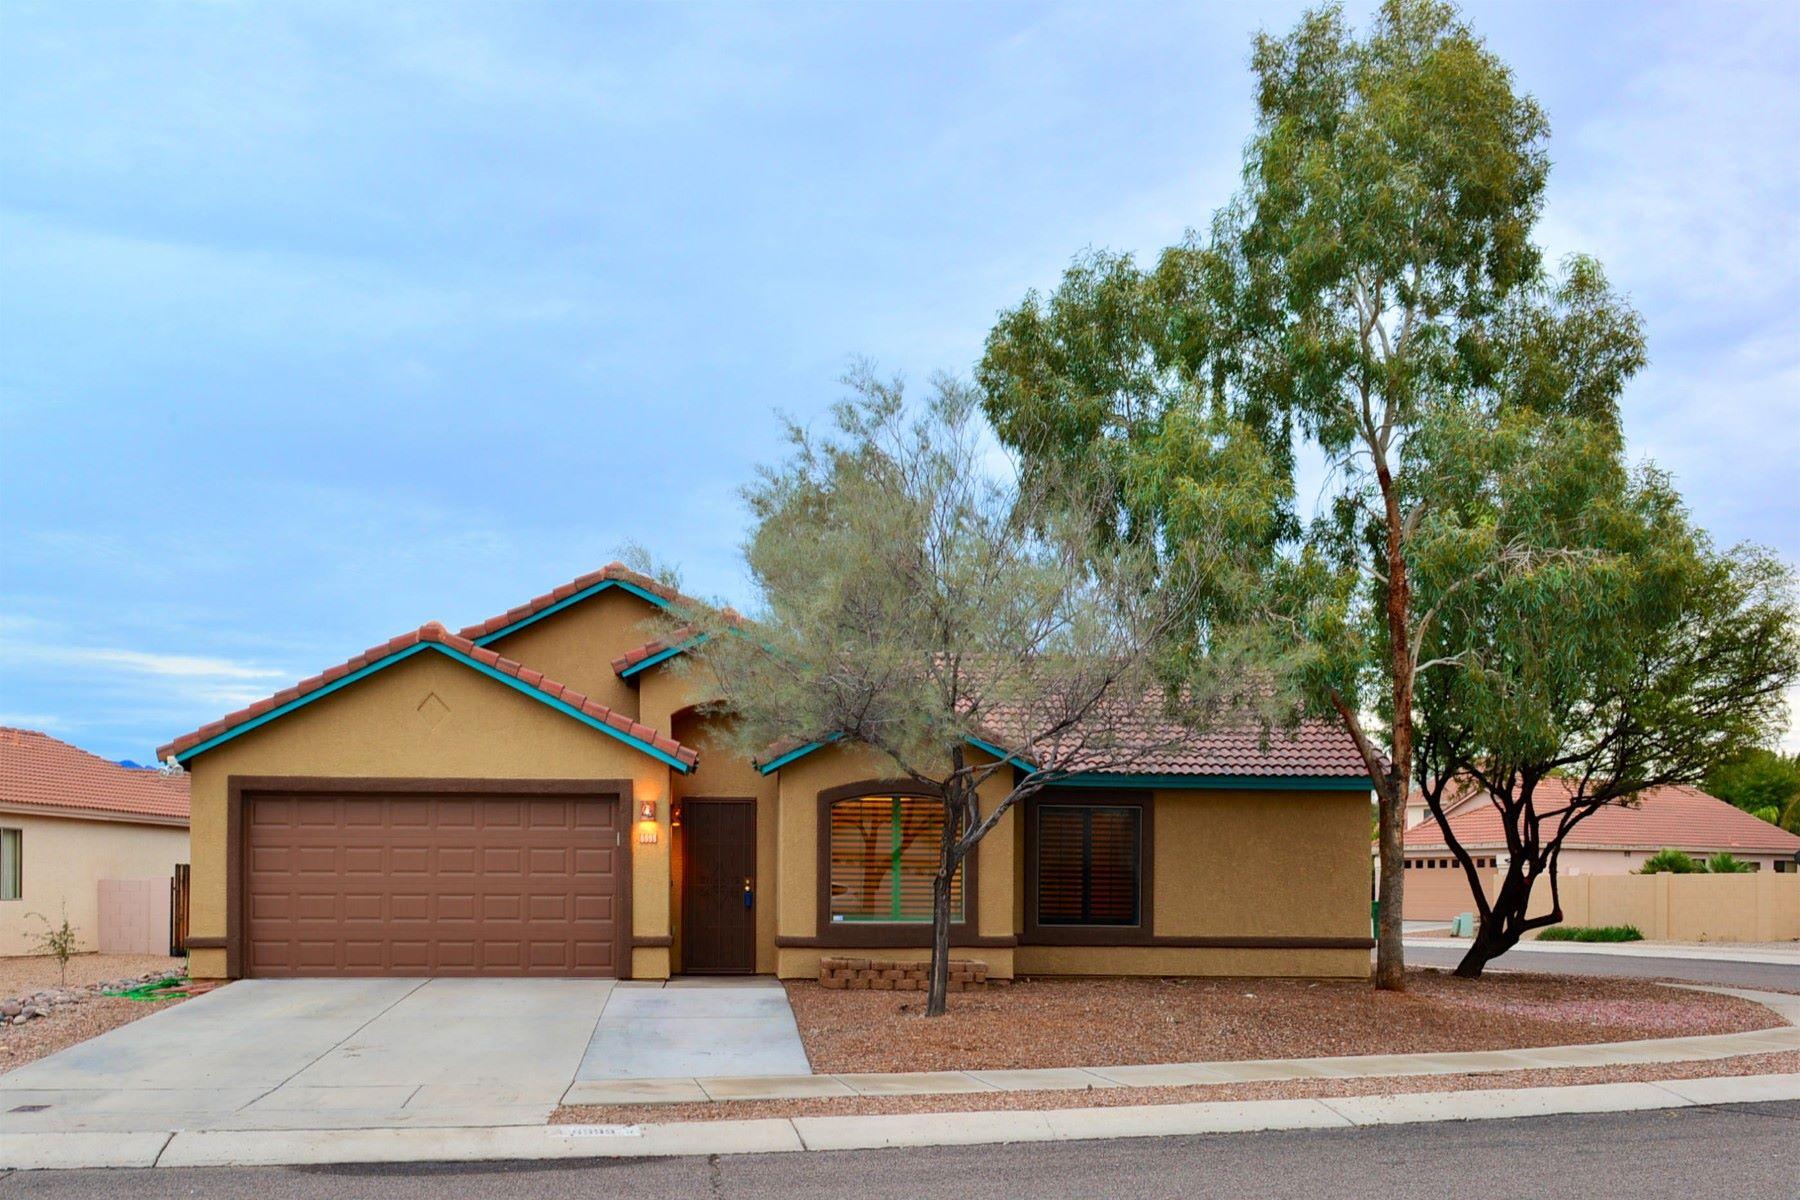 一戸建て のために 売買 アット One of a kind large corner lot in Continental Ranch 6999 W Harcuvar Drive Tucson, アリゾナ, 85743 アメリカ合衆国